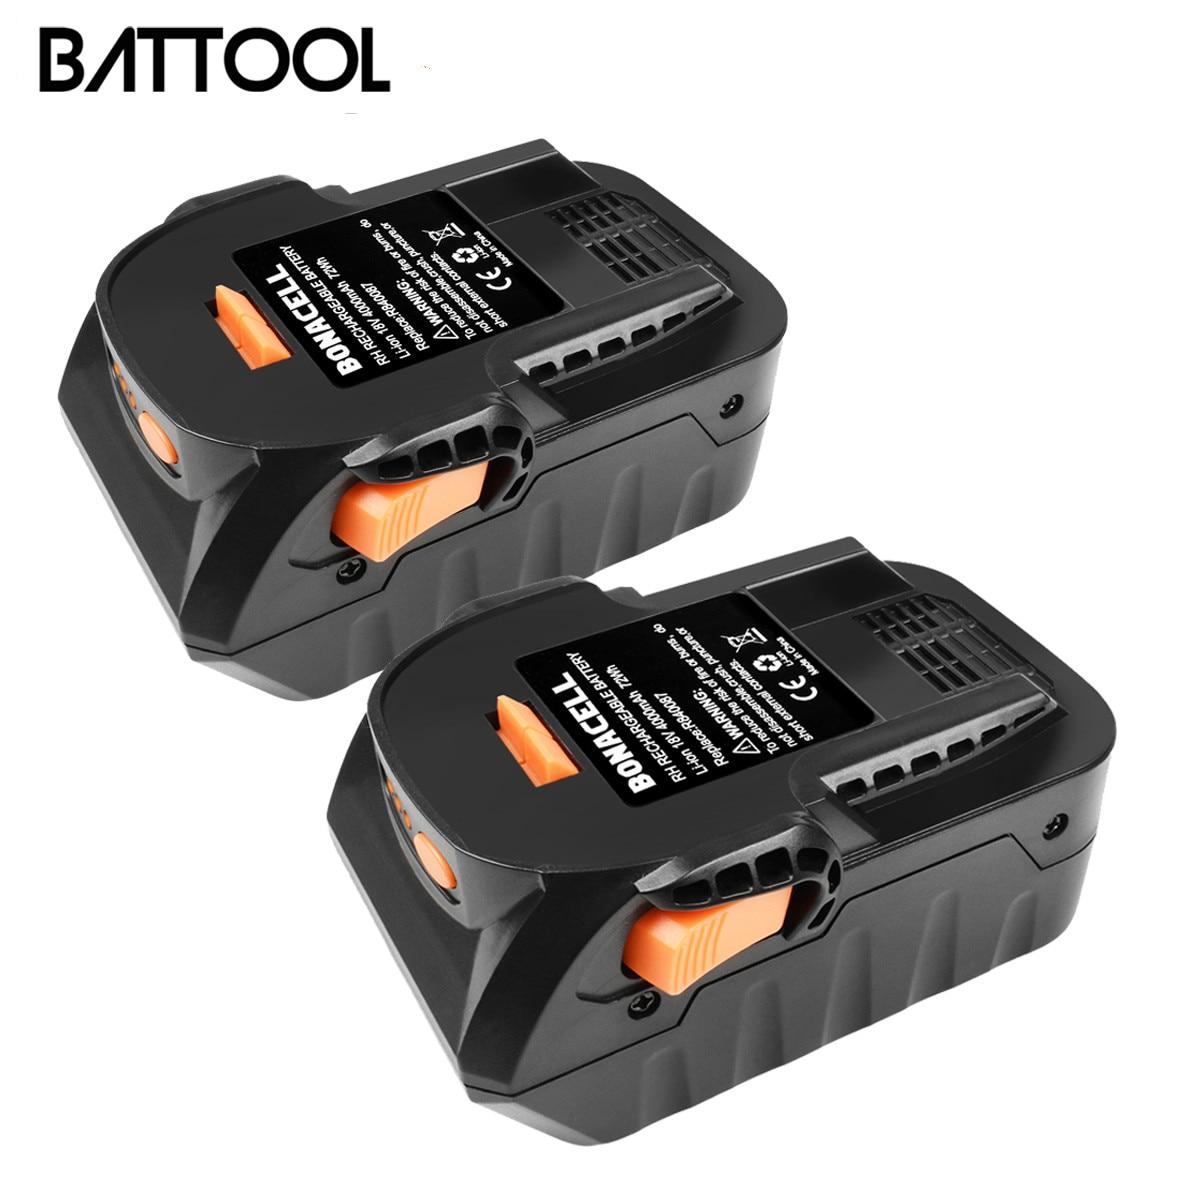 BATTOOL 6000mAh 18V Li-ion For RIDGID R840083 R840085 R840086 R840087 Rechargeable Power Tool Battery Series AEG Series L30